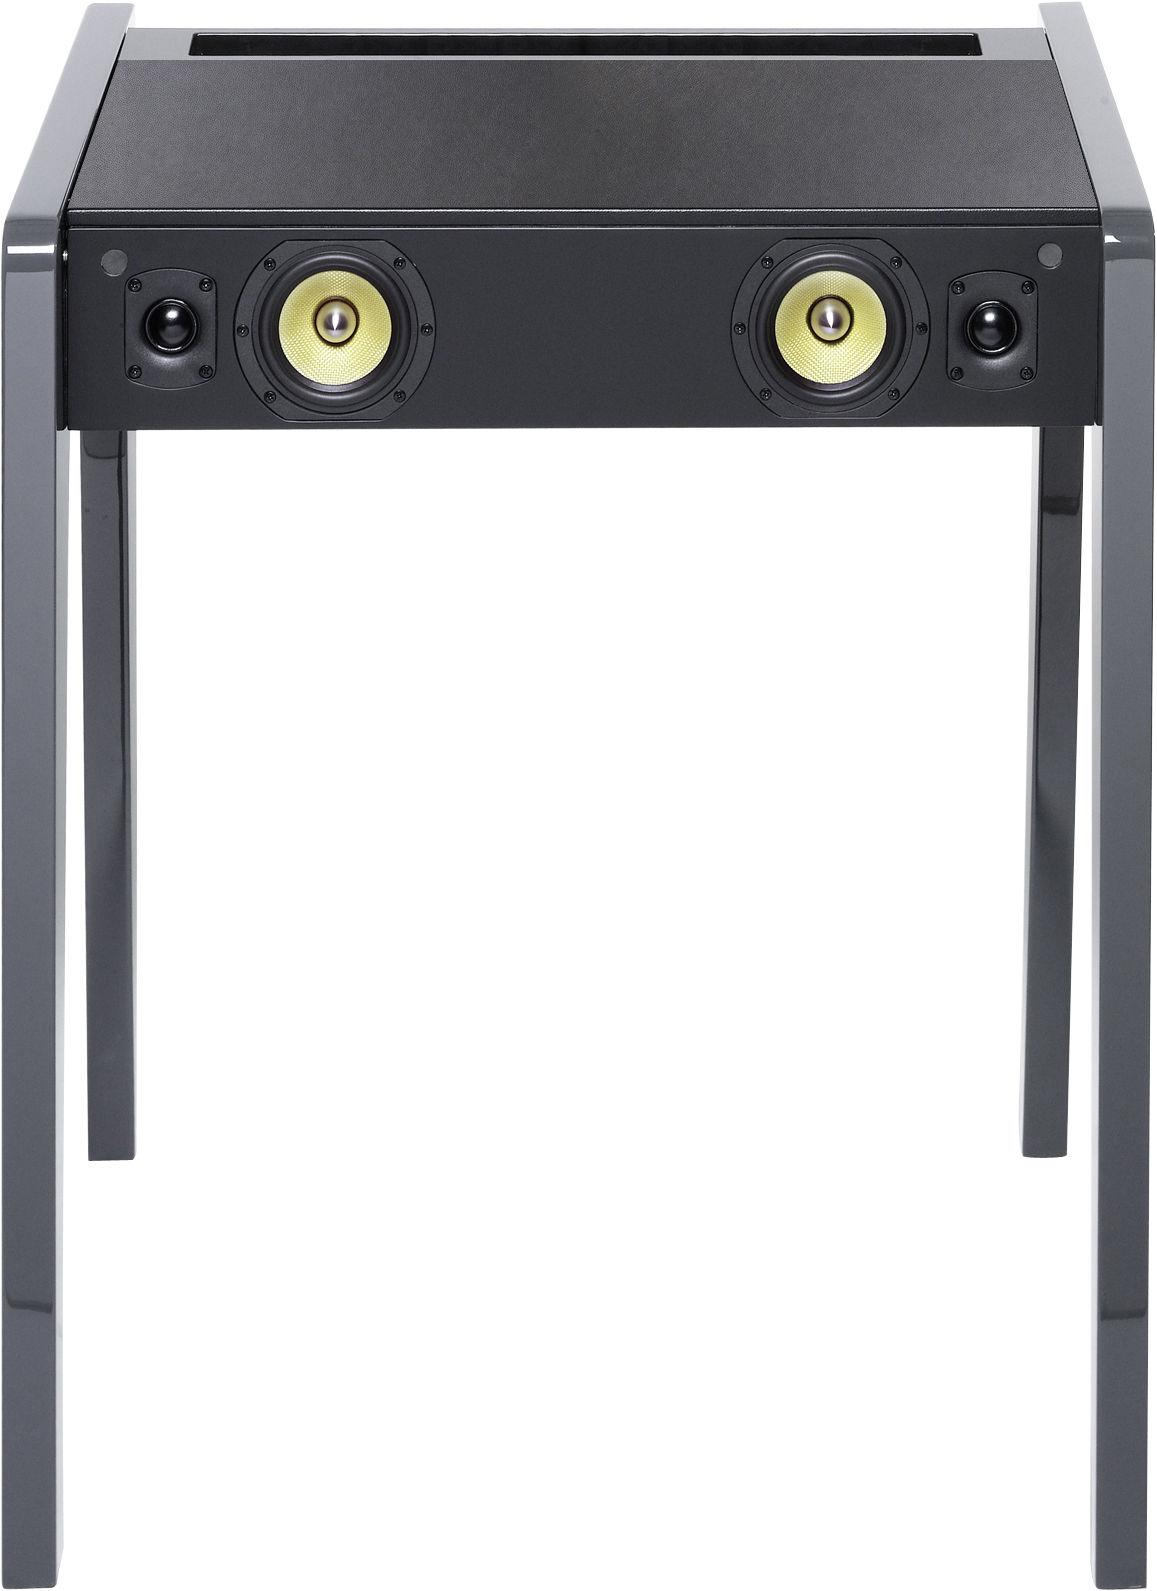 Arredamento - Console - Cassa stereo Blueooth LD 130 / Per computer portatile, iPod e iPhone - L 69 cm - La Boîte Concept - Grigio chiaro - MDF, Pelle